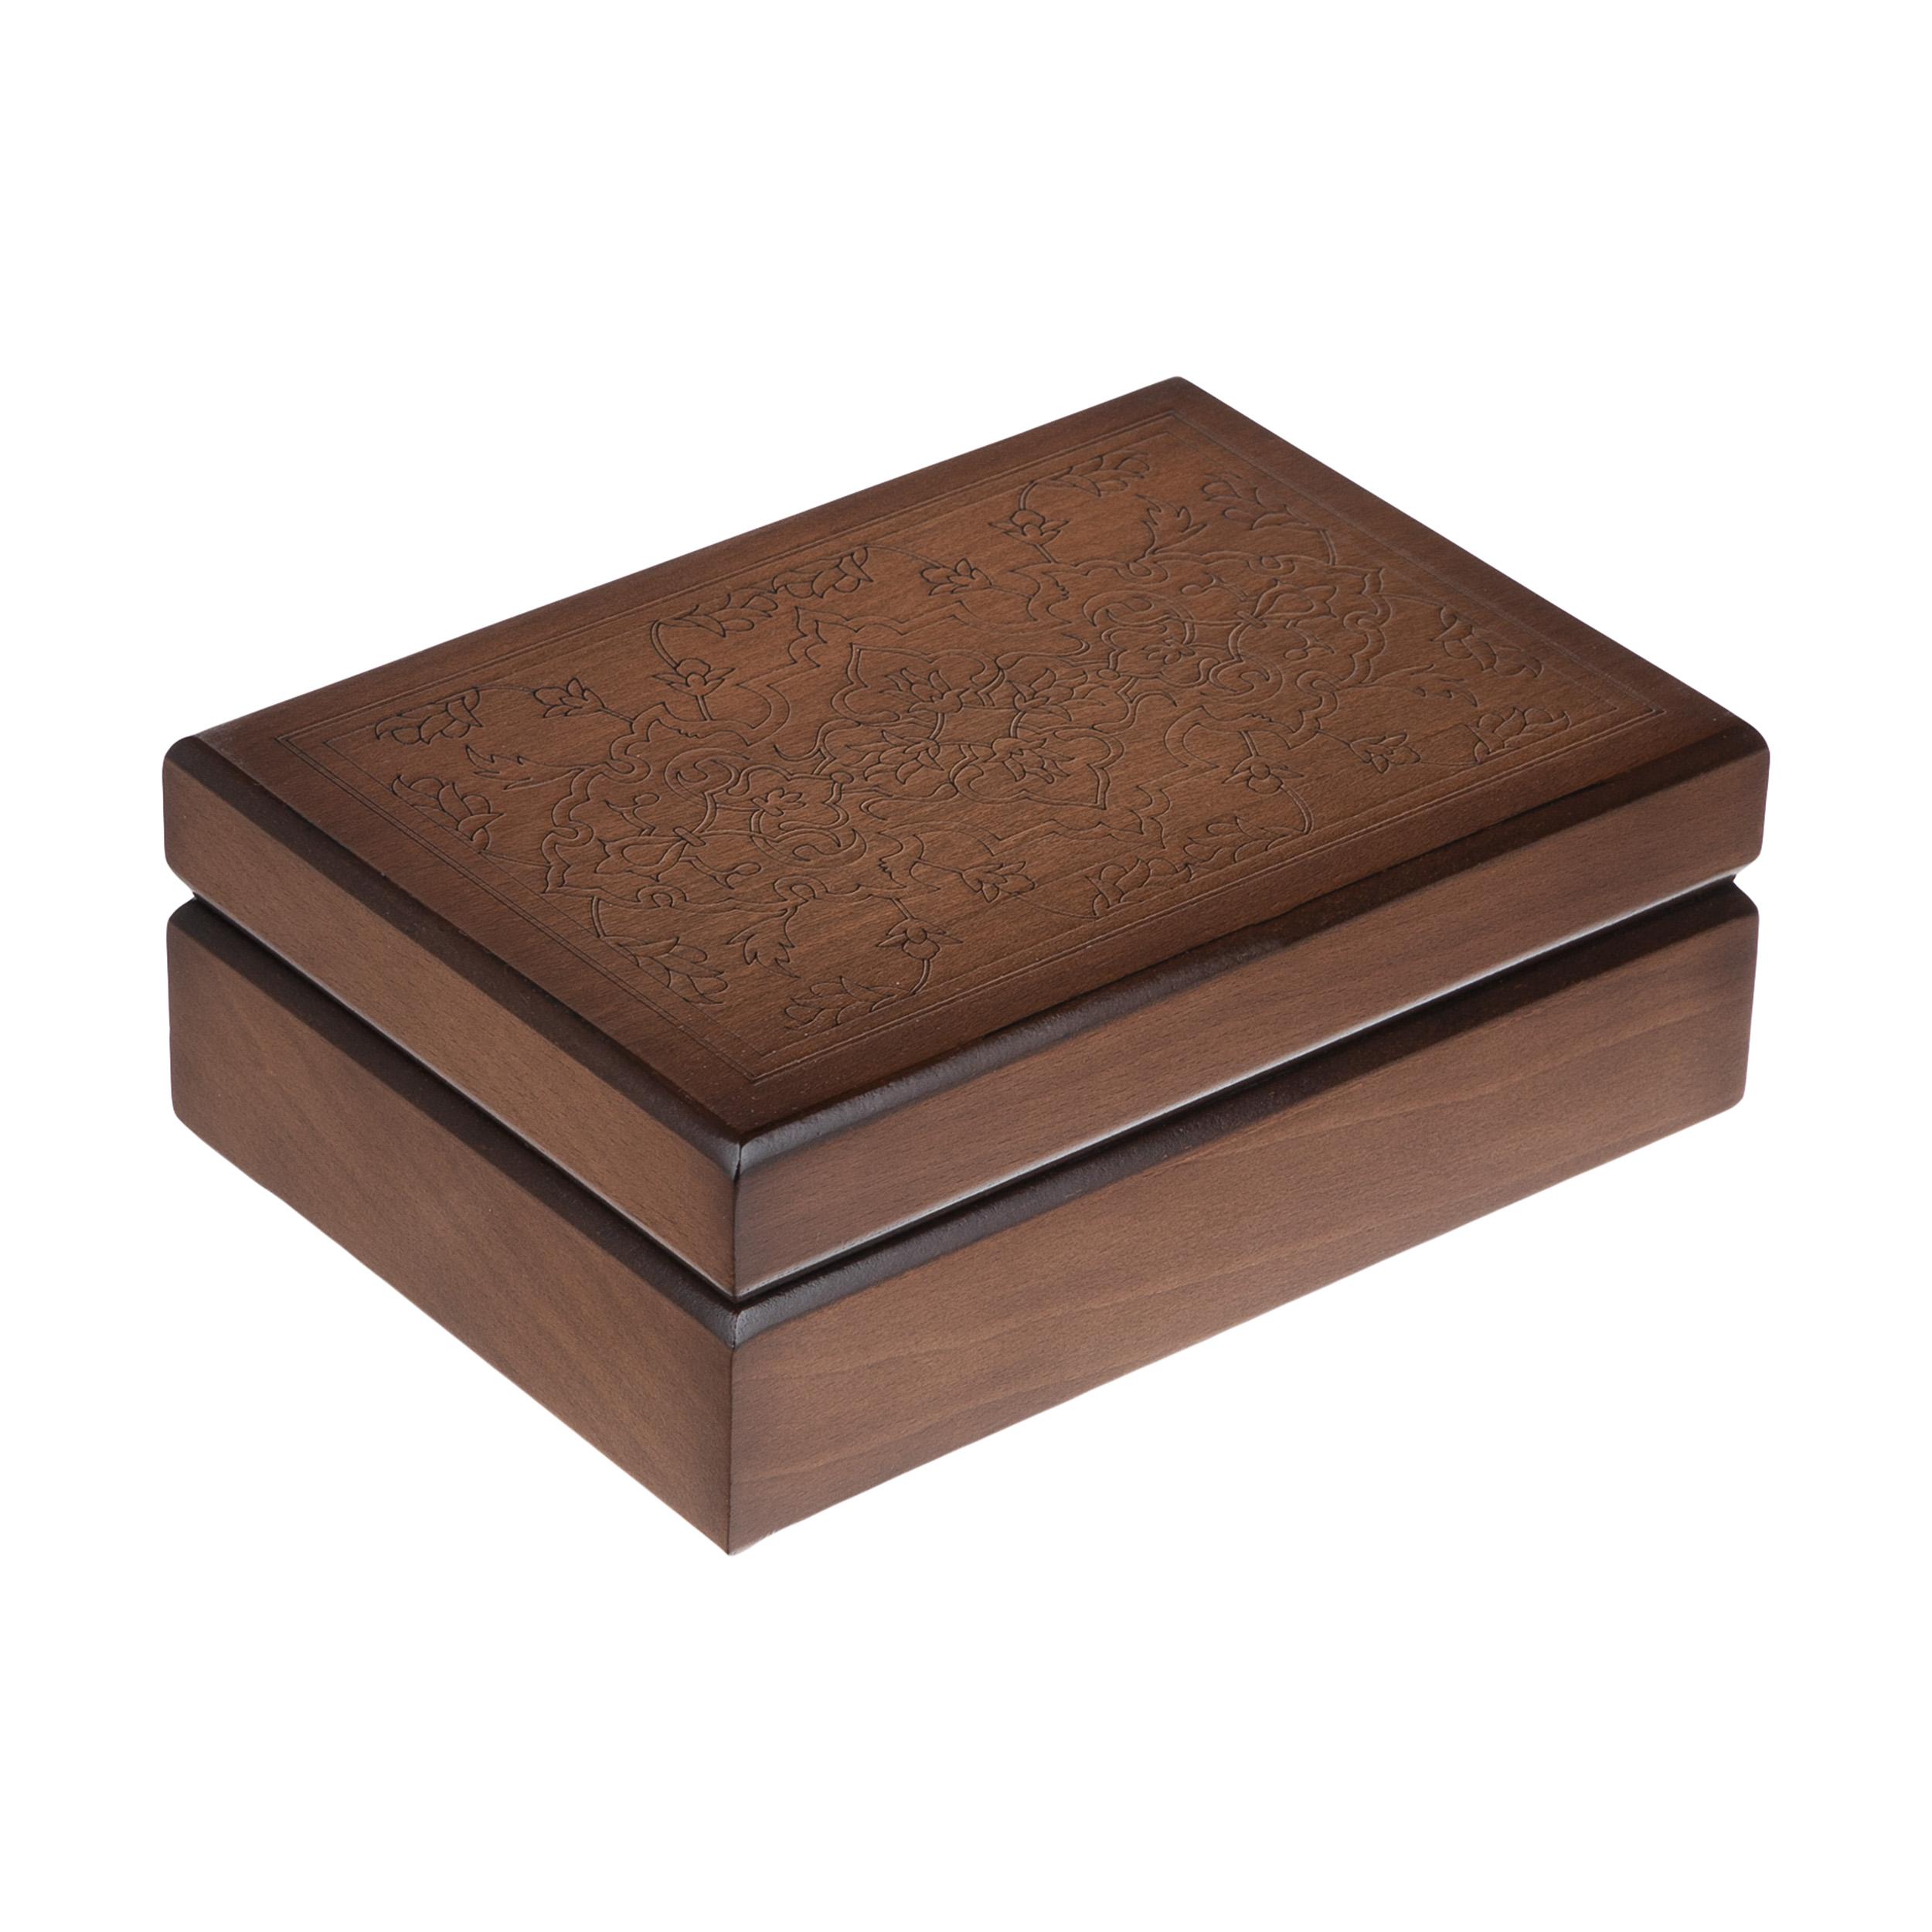 جعبه پذیرایی هُم آدیس مدل رویا کد BT 026